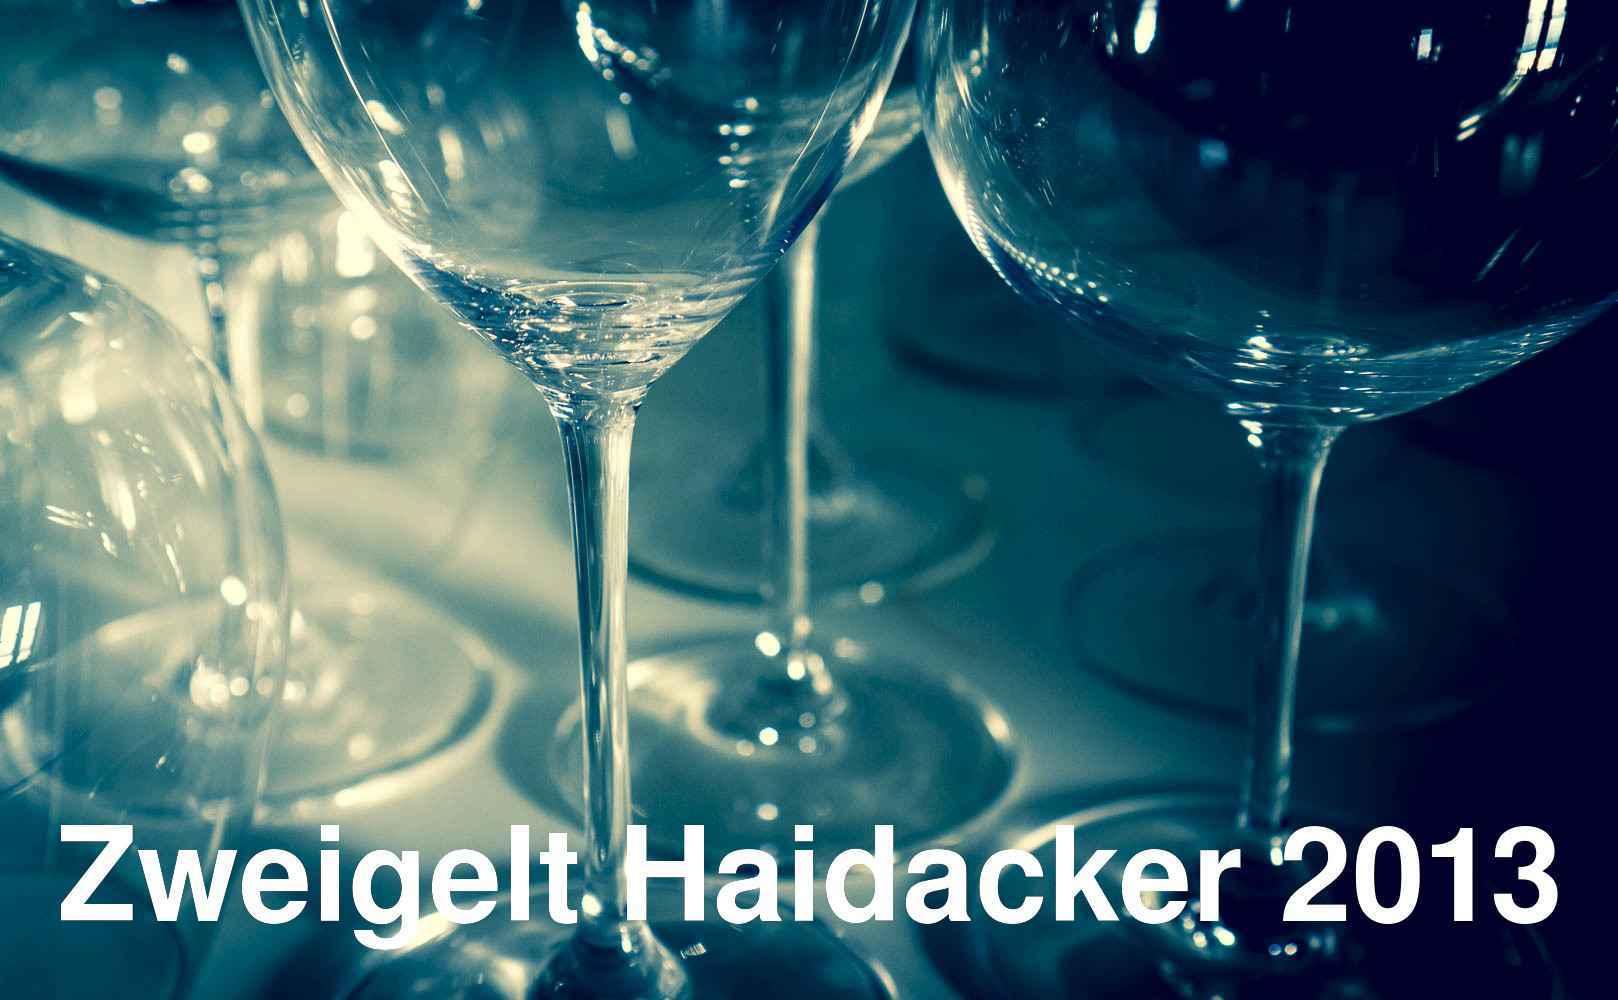 Go to Zweigelt Haidacker 2013 von Weingut Netzl aus Carnuntum, Österreich